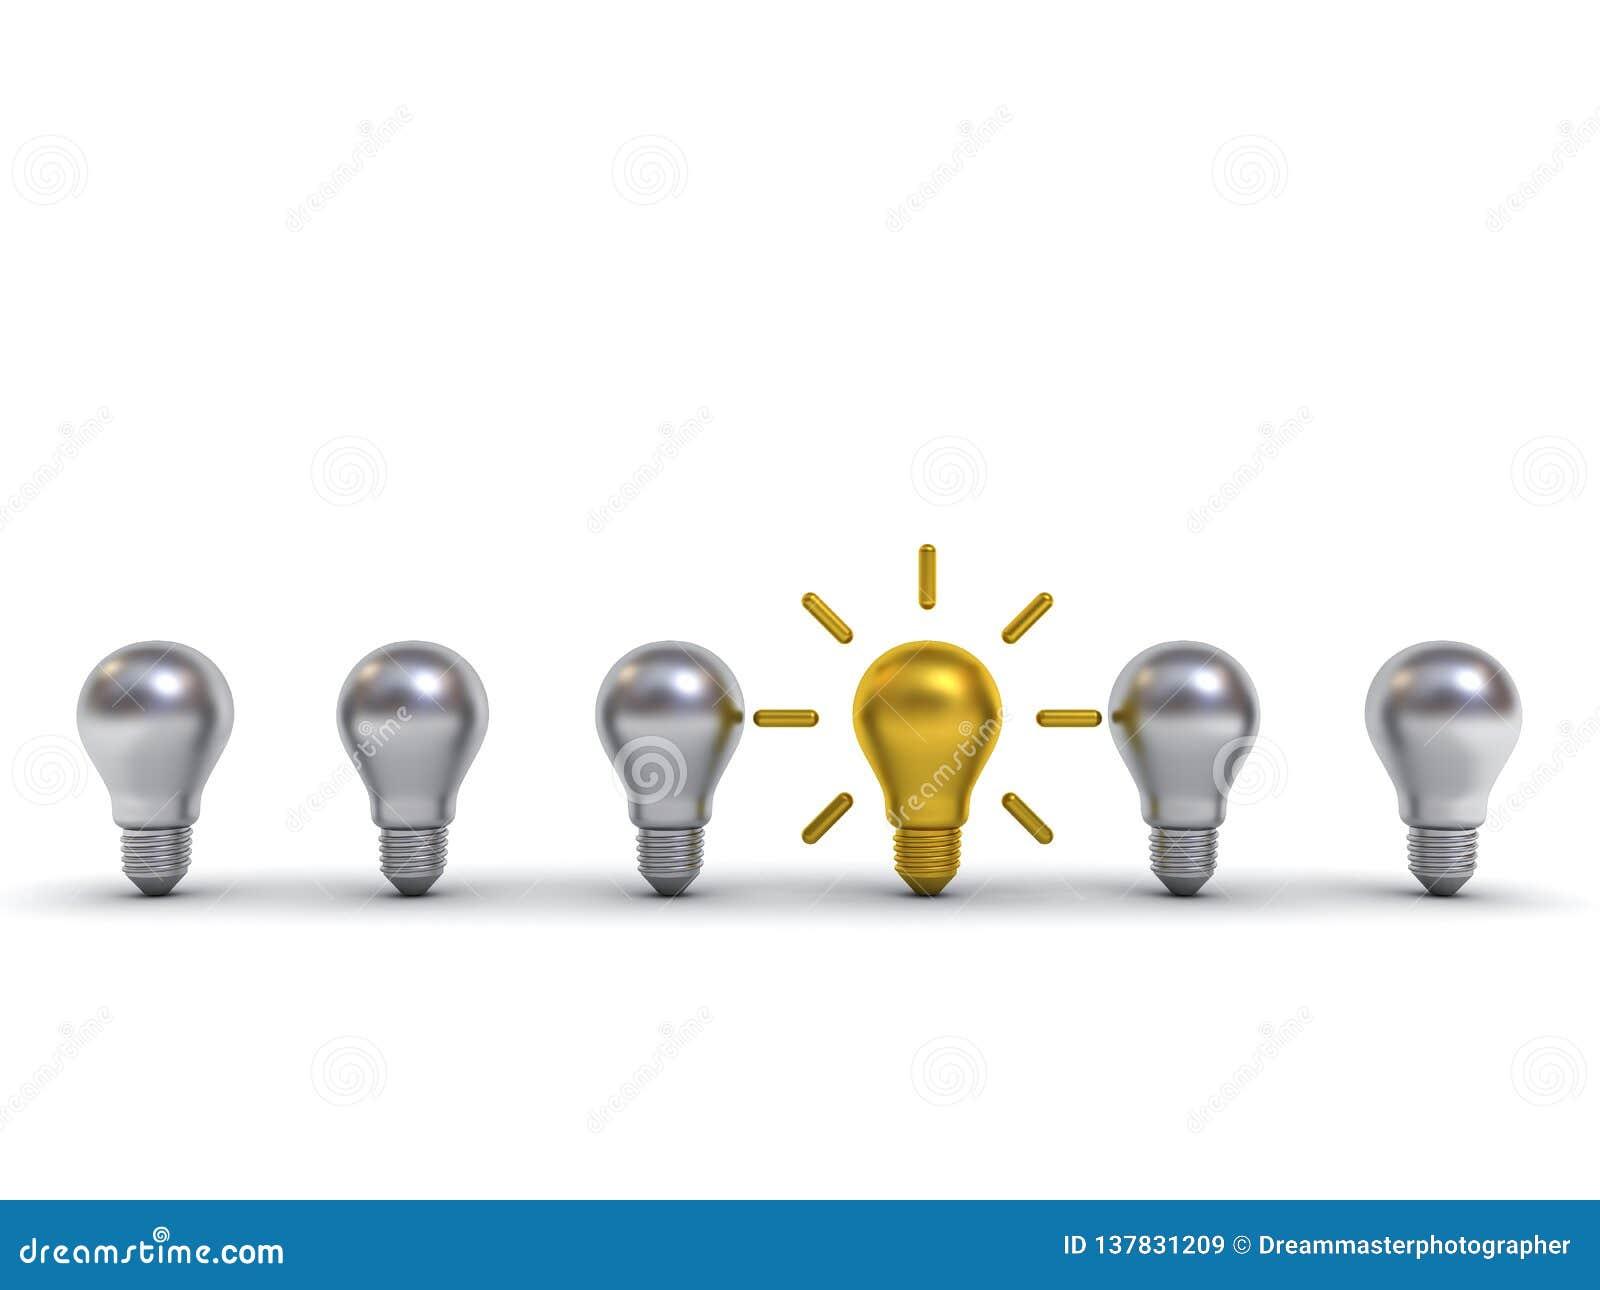 Piense la bombilla de diversa del concepto uno idea del oro que se coloca hacia fuera de los bulbos del metal plateado con reflex